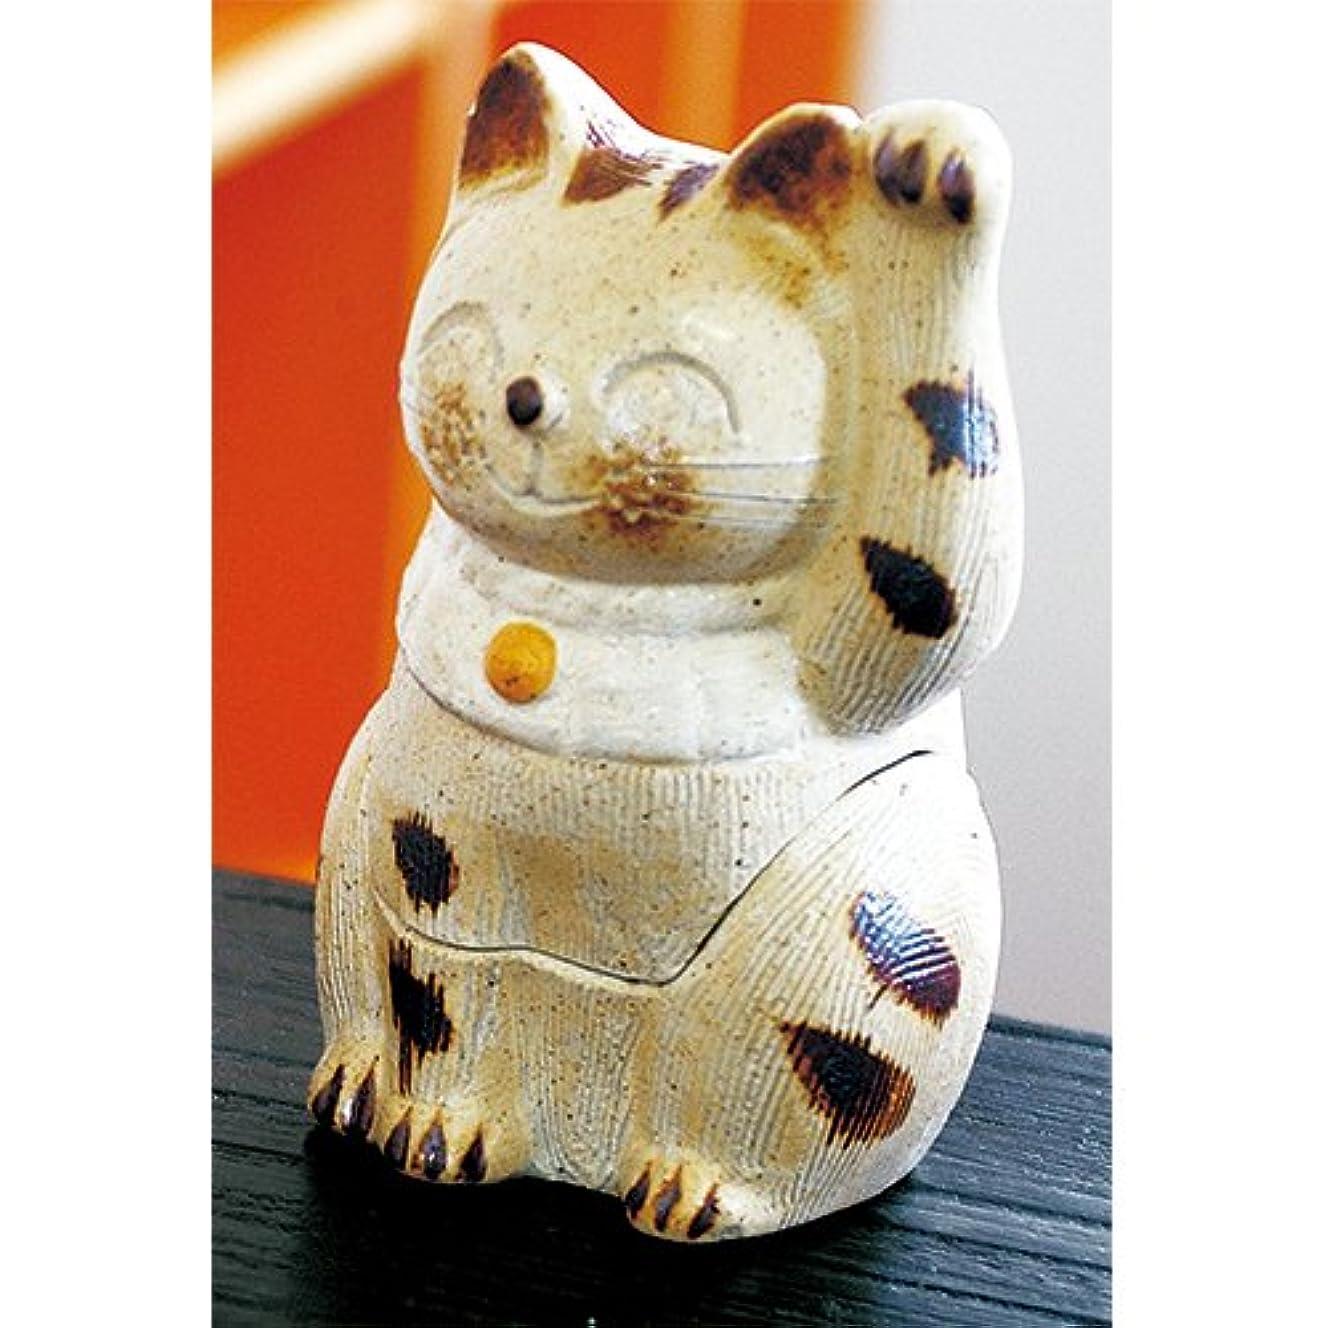 送信する独立して却下する香炉 ひとまねき猫 香炉(小) [H9.5cm] HANDMADE プレゼント ギフト 和食器 かわいい インテリア